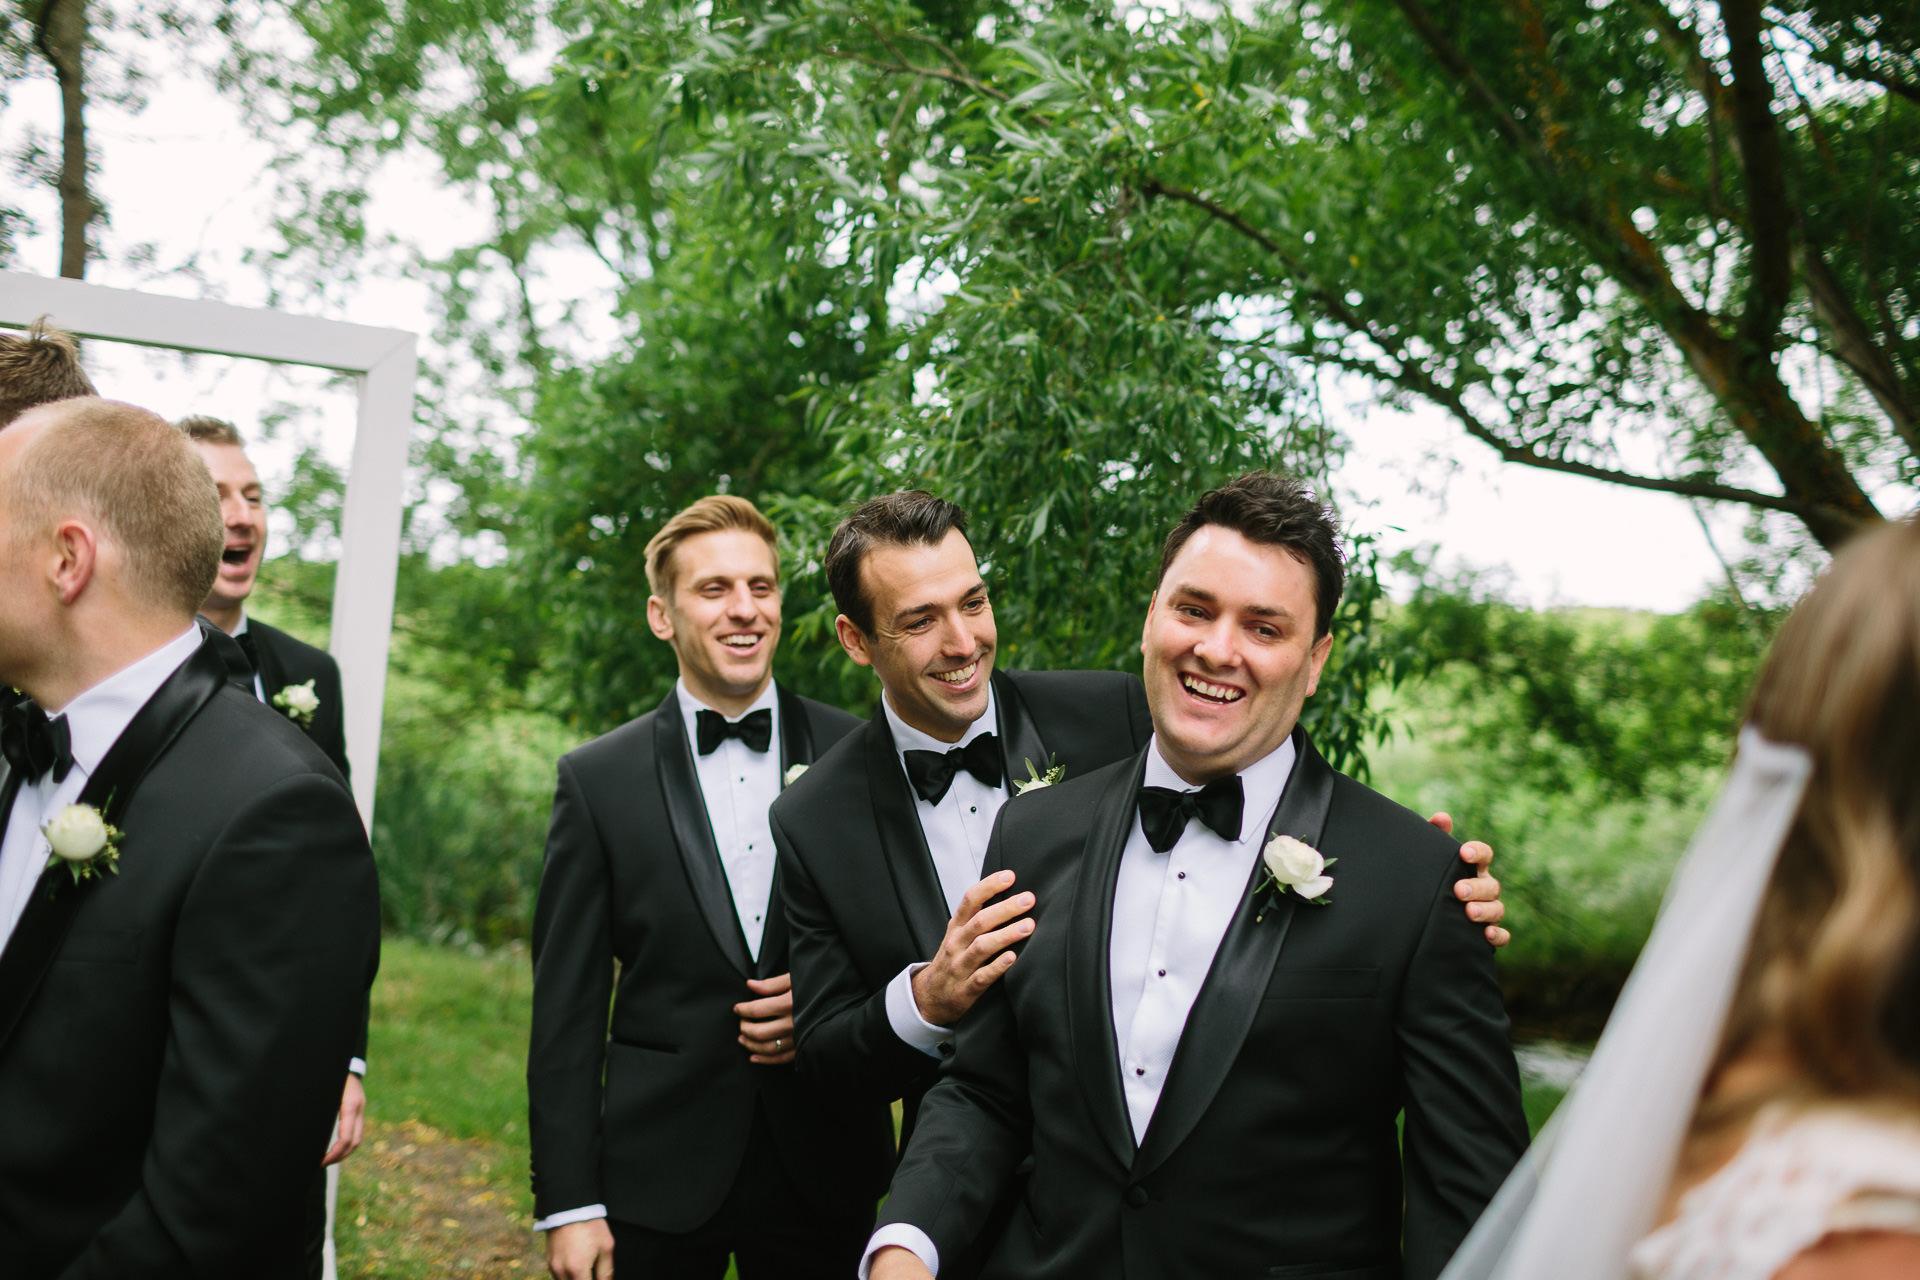 Happy groom celebrates with mates